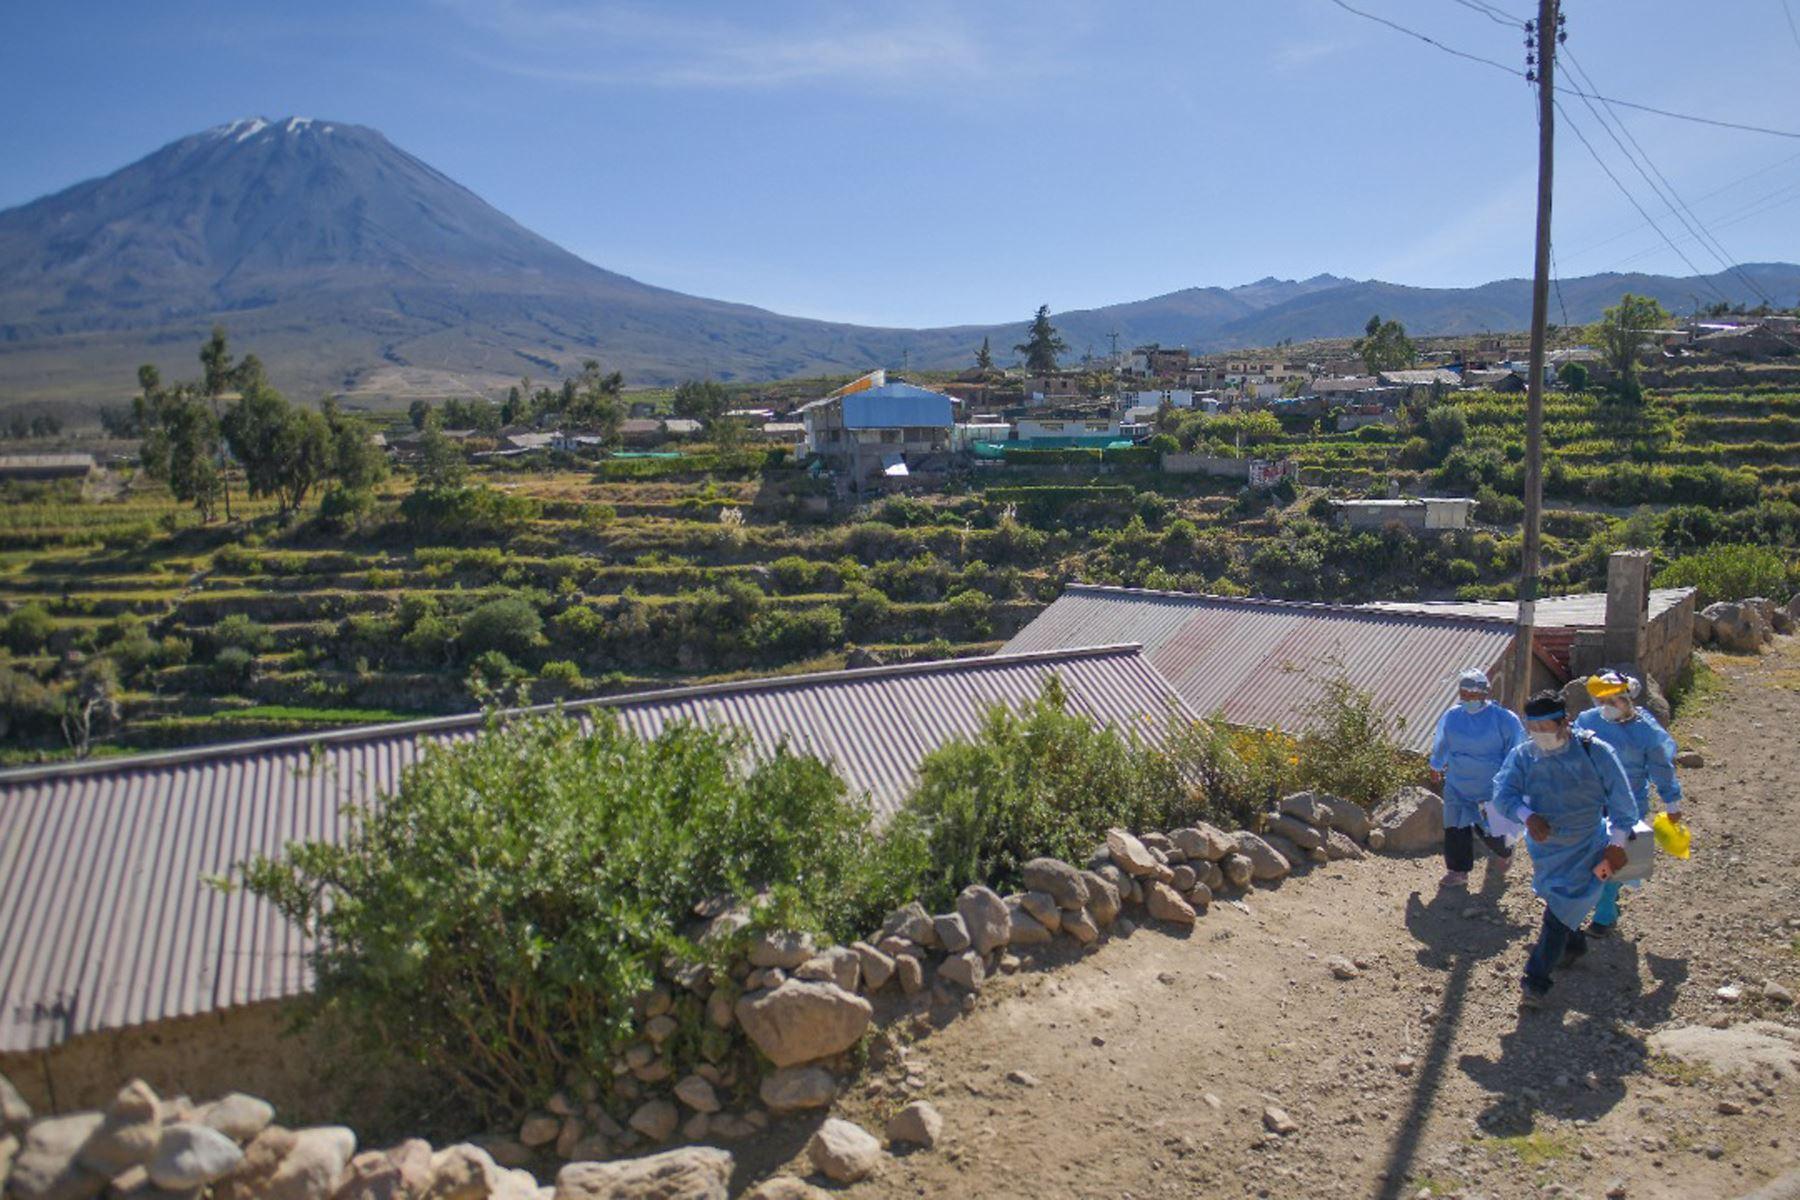 Largas caminatas y jornadas largas de trabajo realiza el personal de salud de Arequipa para llegar al pueblo de Chiguata y anexos que se encuentra ubicada a 30 km al Sur-este de la ciudad de Arequipa.   Foto: Cortesía Diego Ramos